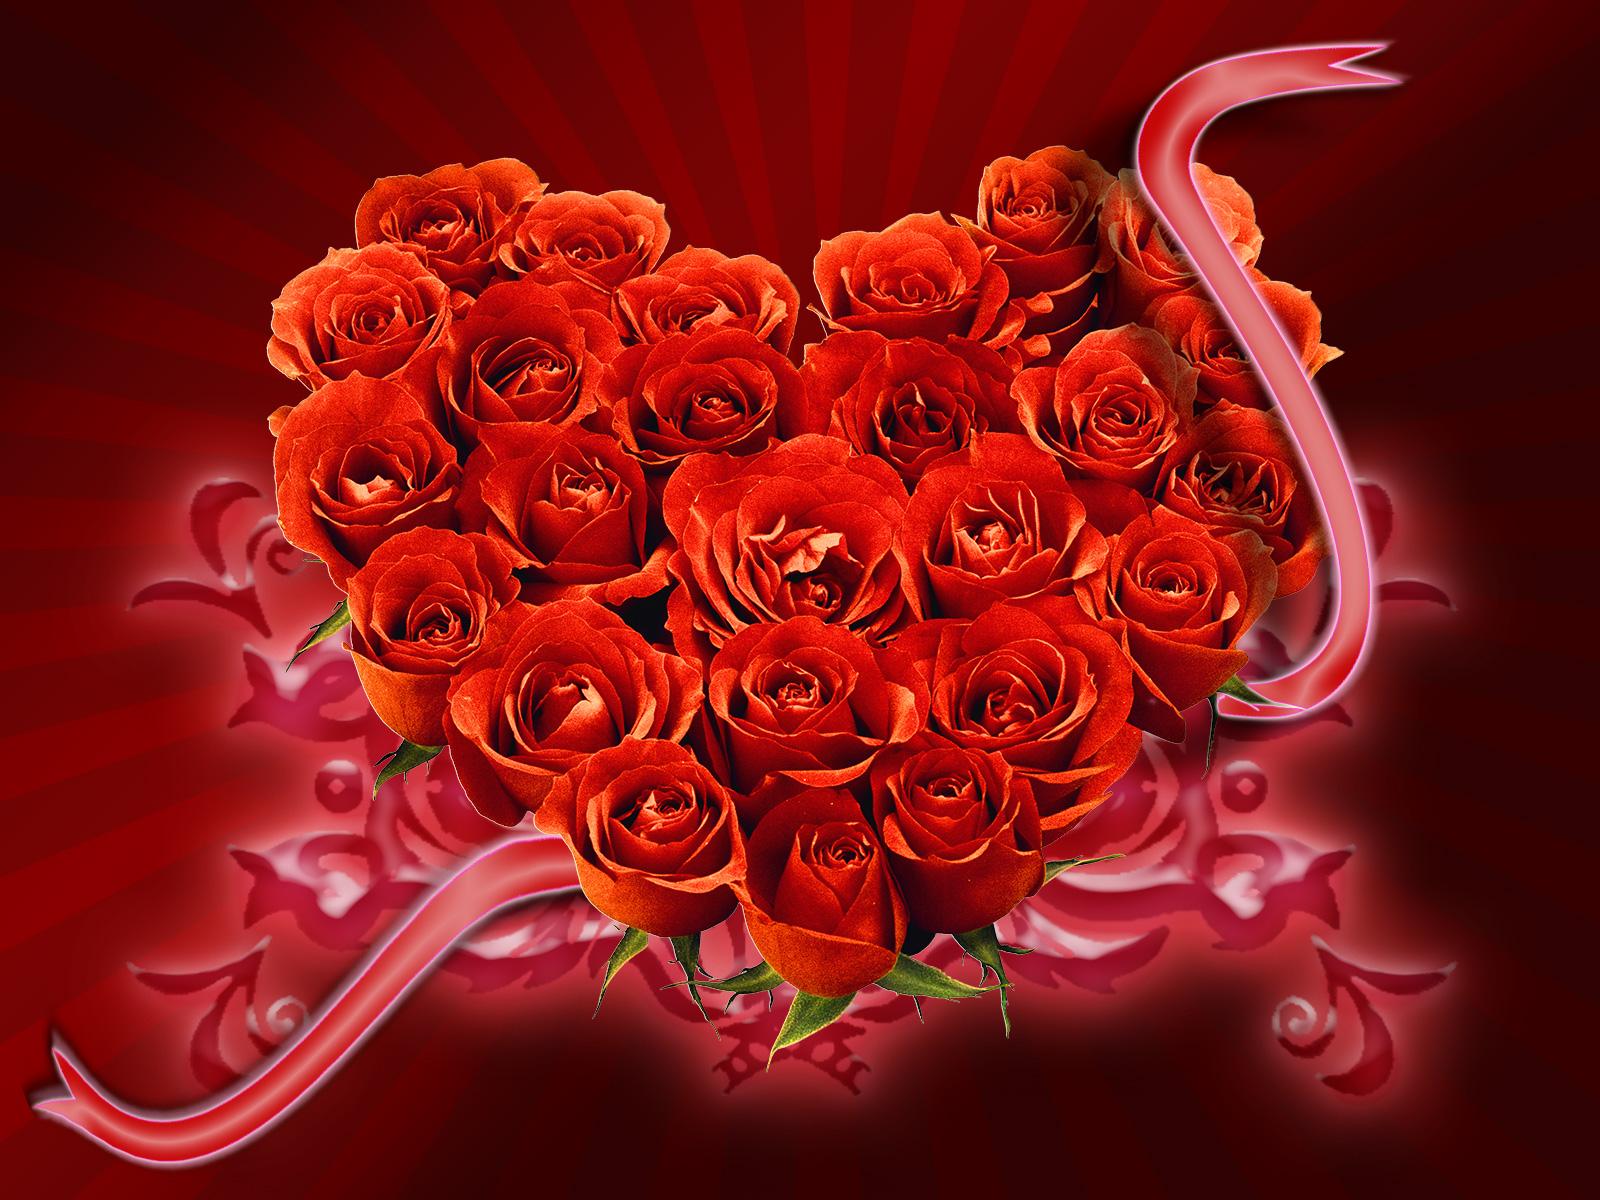 много красных роз, сердце из роз, скачать фото, обои на рабочий стол